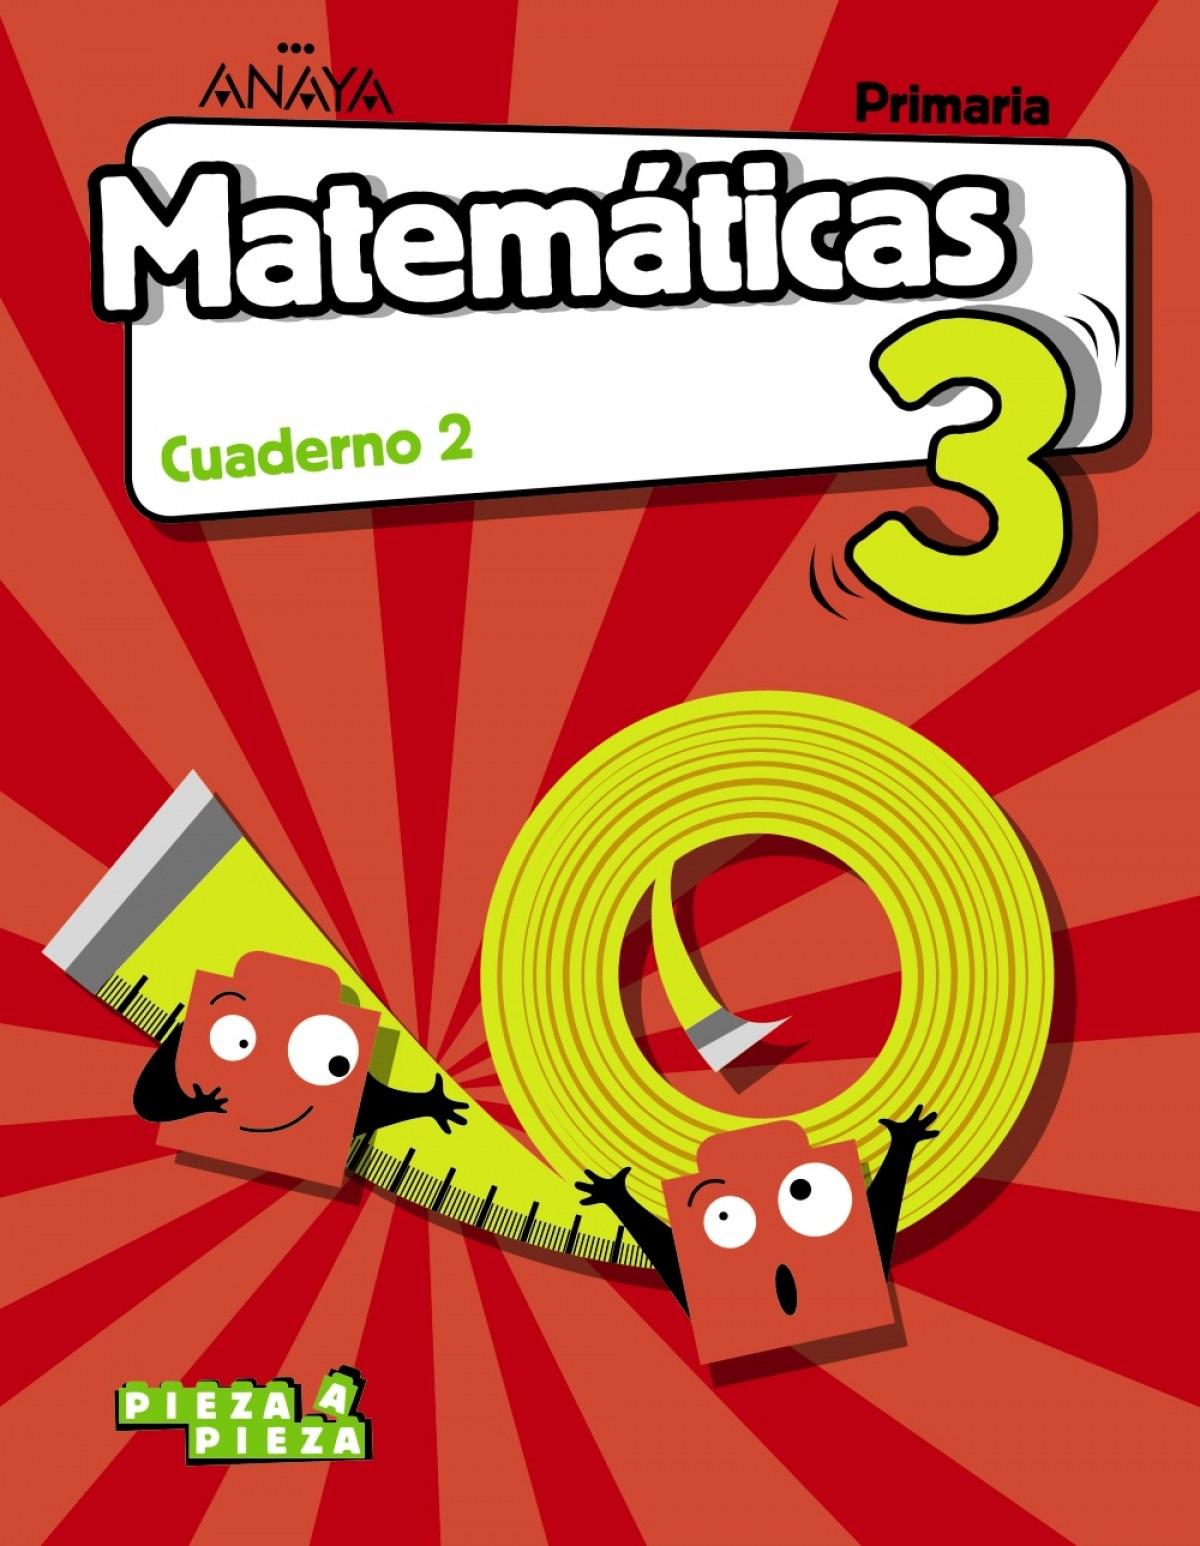 CUADERNO MATEMÁTICAS 2-3ºPRIMARIA. PIEZA A PIEZA. CASTILLA LA MANCHA